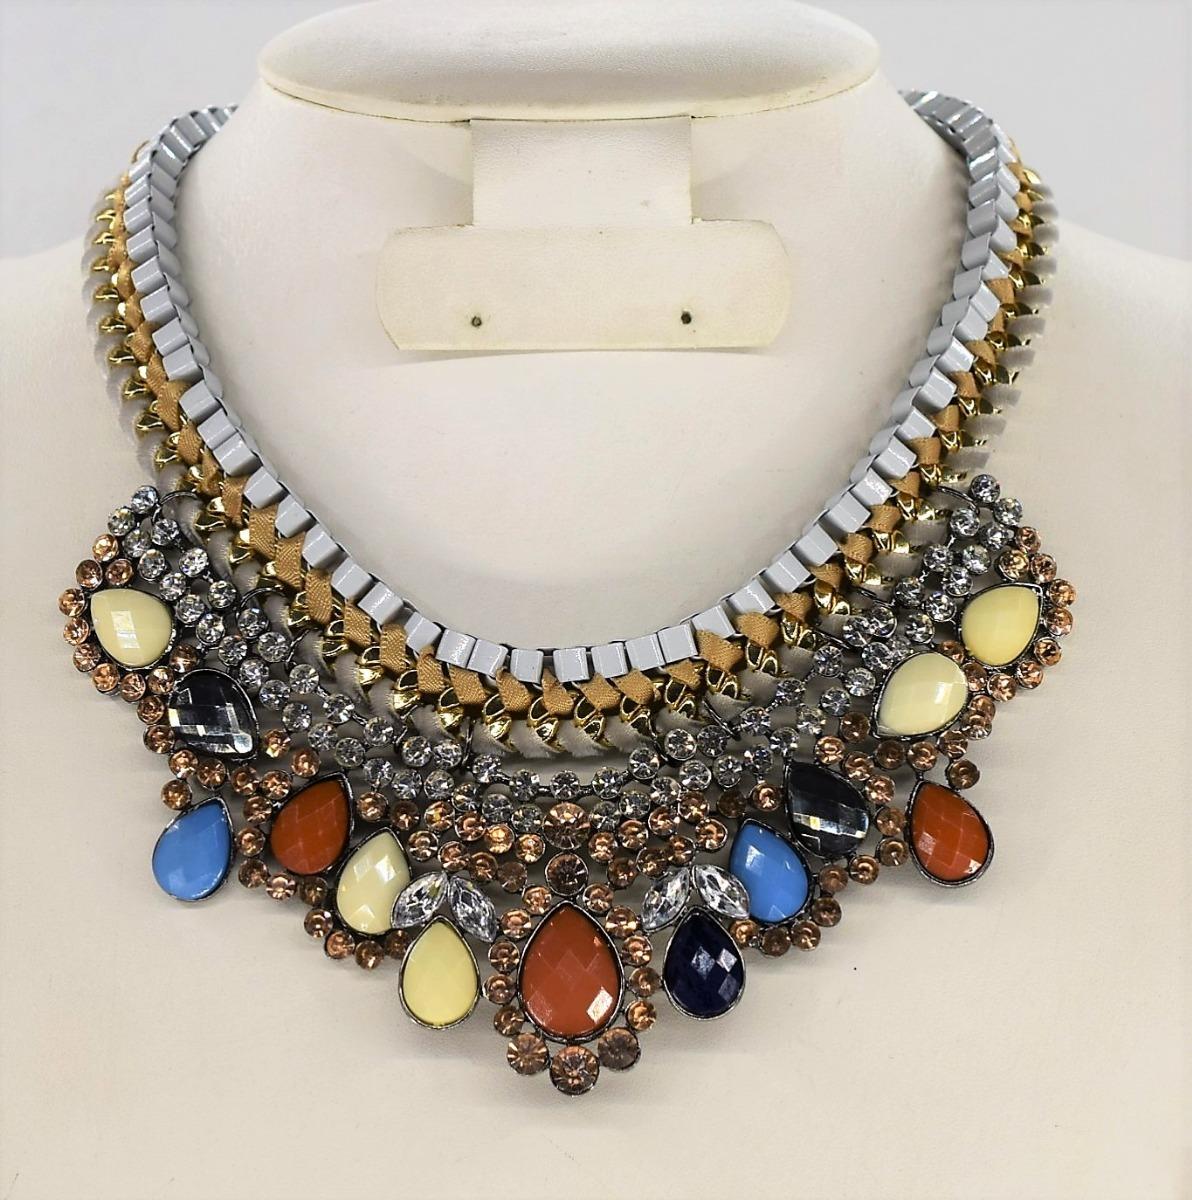 fbf5bd0760a1 Collar Para Dama Metálico Piedras Bisutería Moda Importadas ...